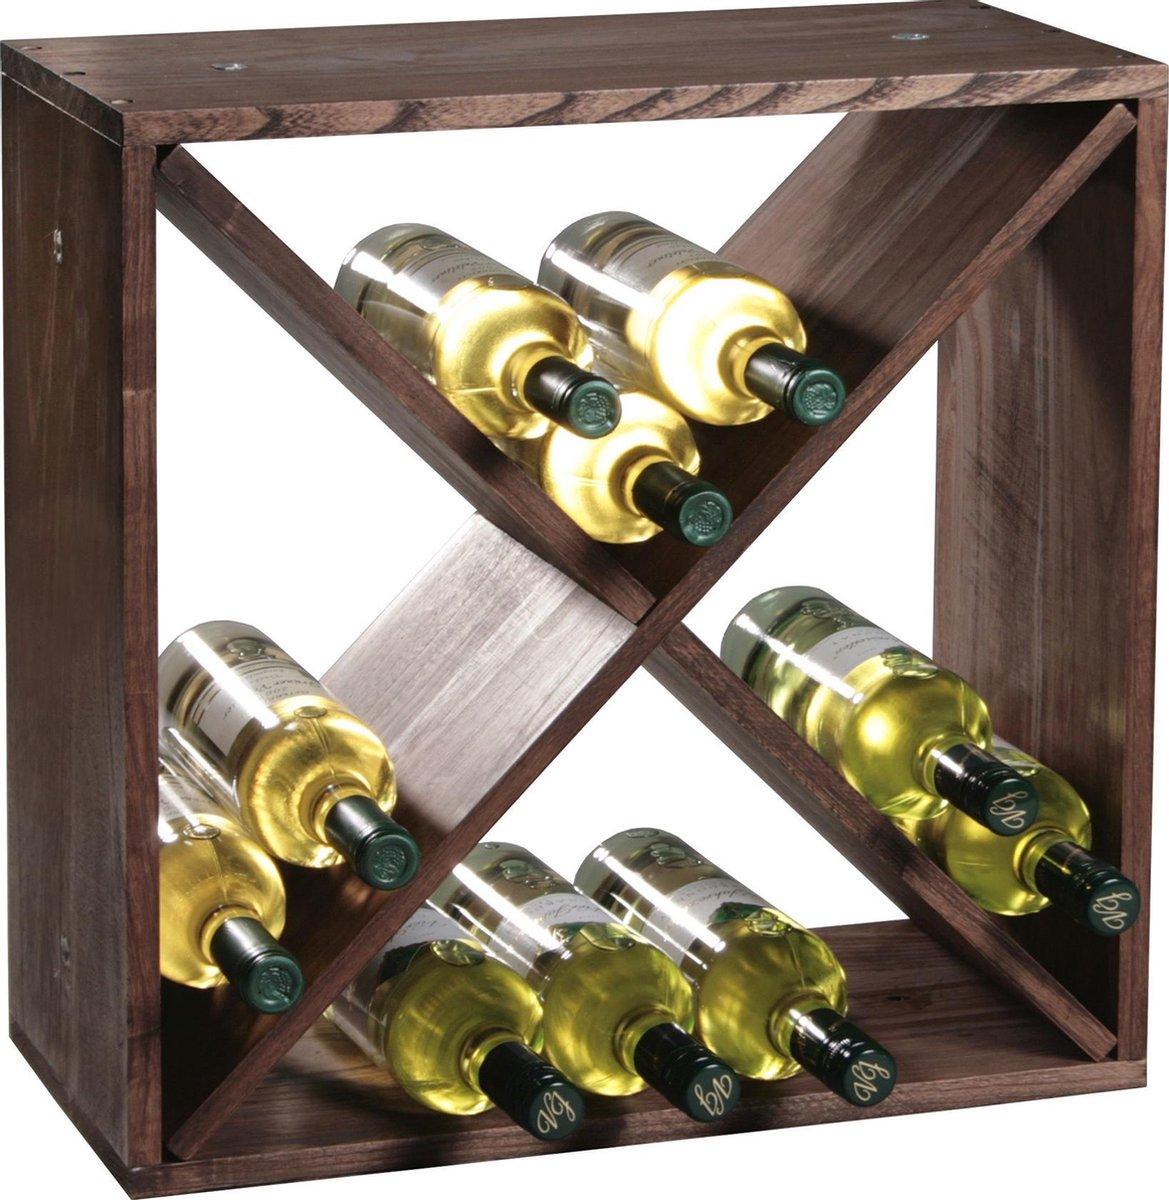 Houten wijnflessen rek/wijnrek vierkant voor 24 flessen 25 x 50 x 50 cm - Woonaccessoires/decoratie - Wijnflesrekken/wijnflessenrekken/wijnrekken - Rek/houder voor wijnflessen